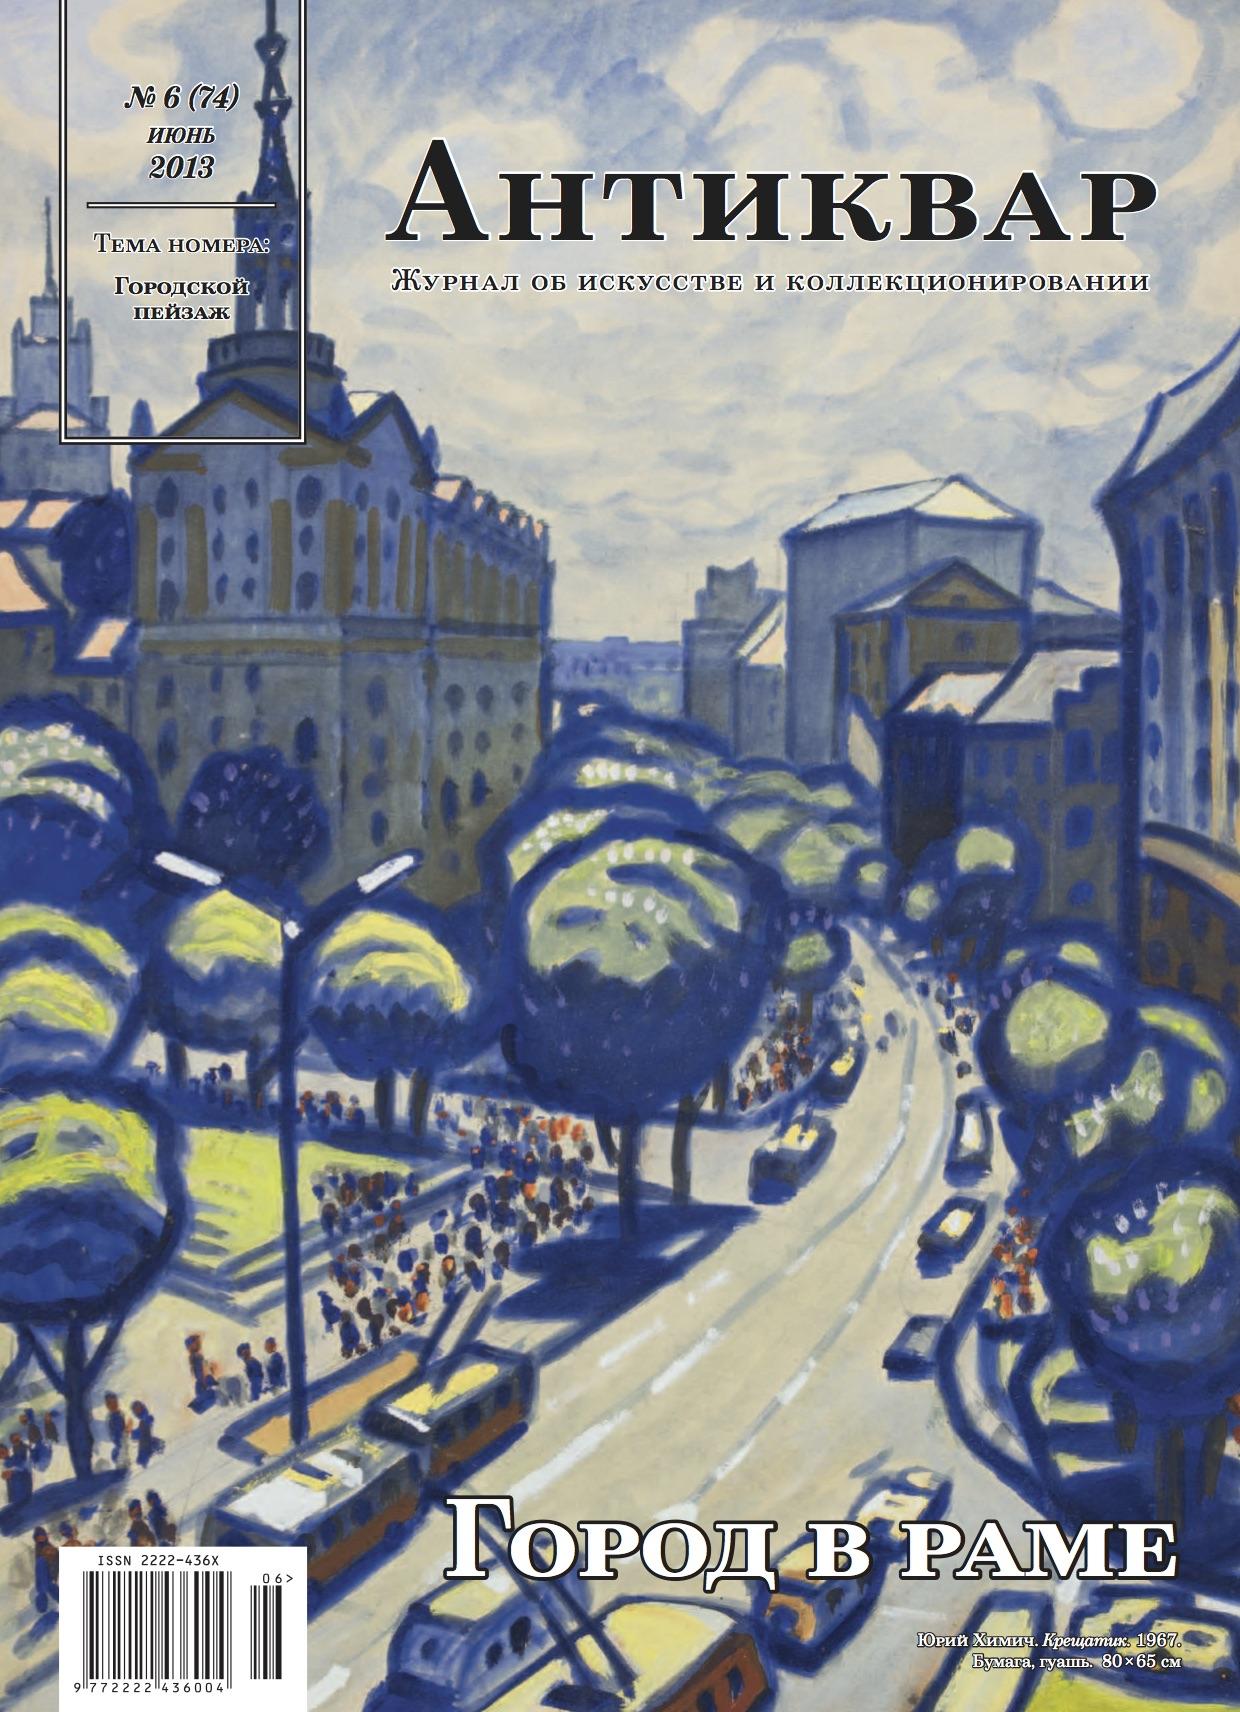 Журнал Антиквар #74: Городской пейзаж